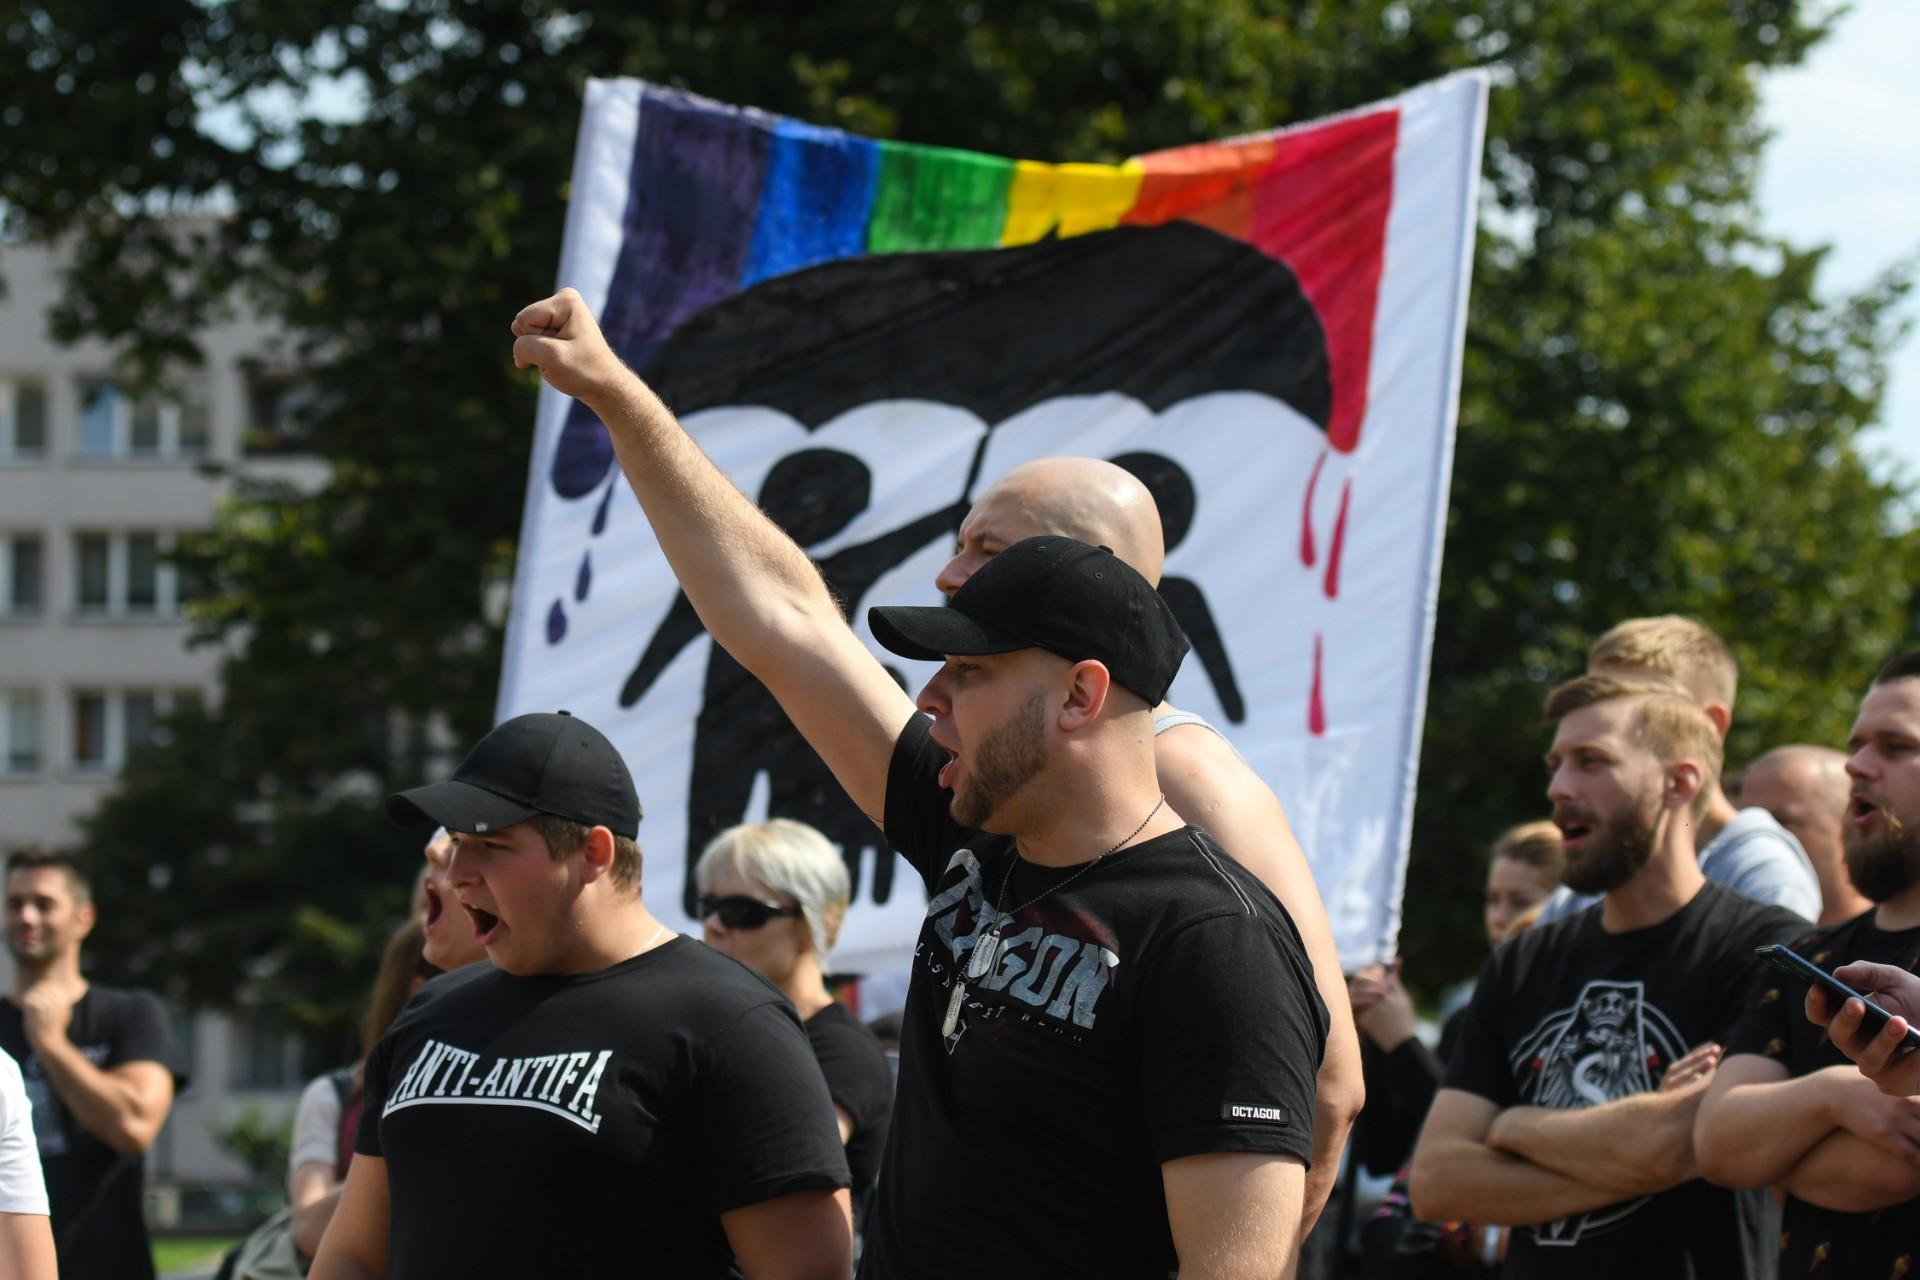 USA jest bliżej niż Polska – jak zachodnia scena klubowa ignoruje problemy polskiej społeczności LGBTQ+